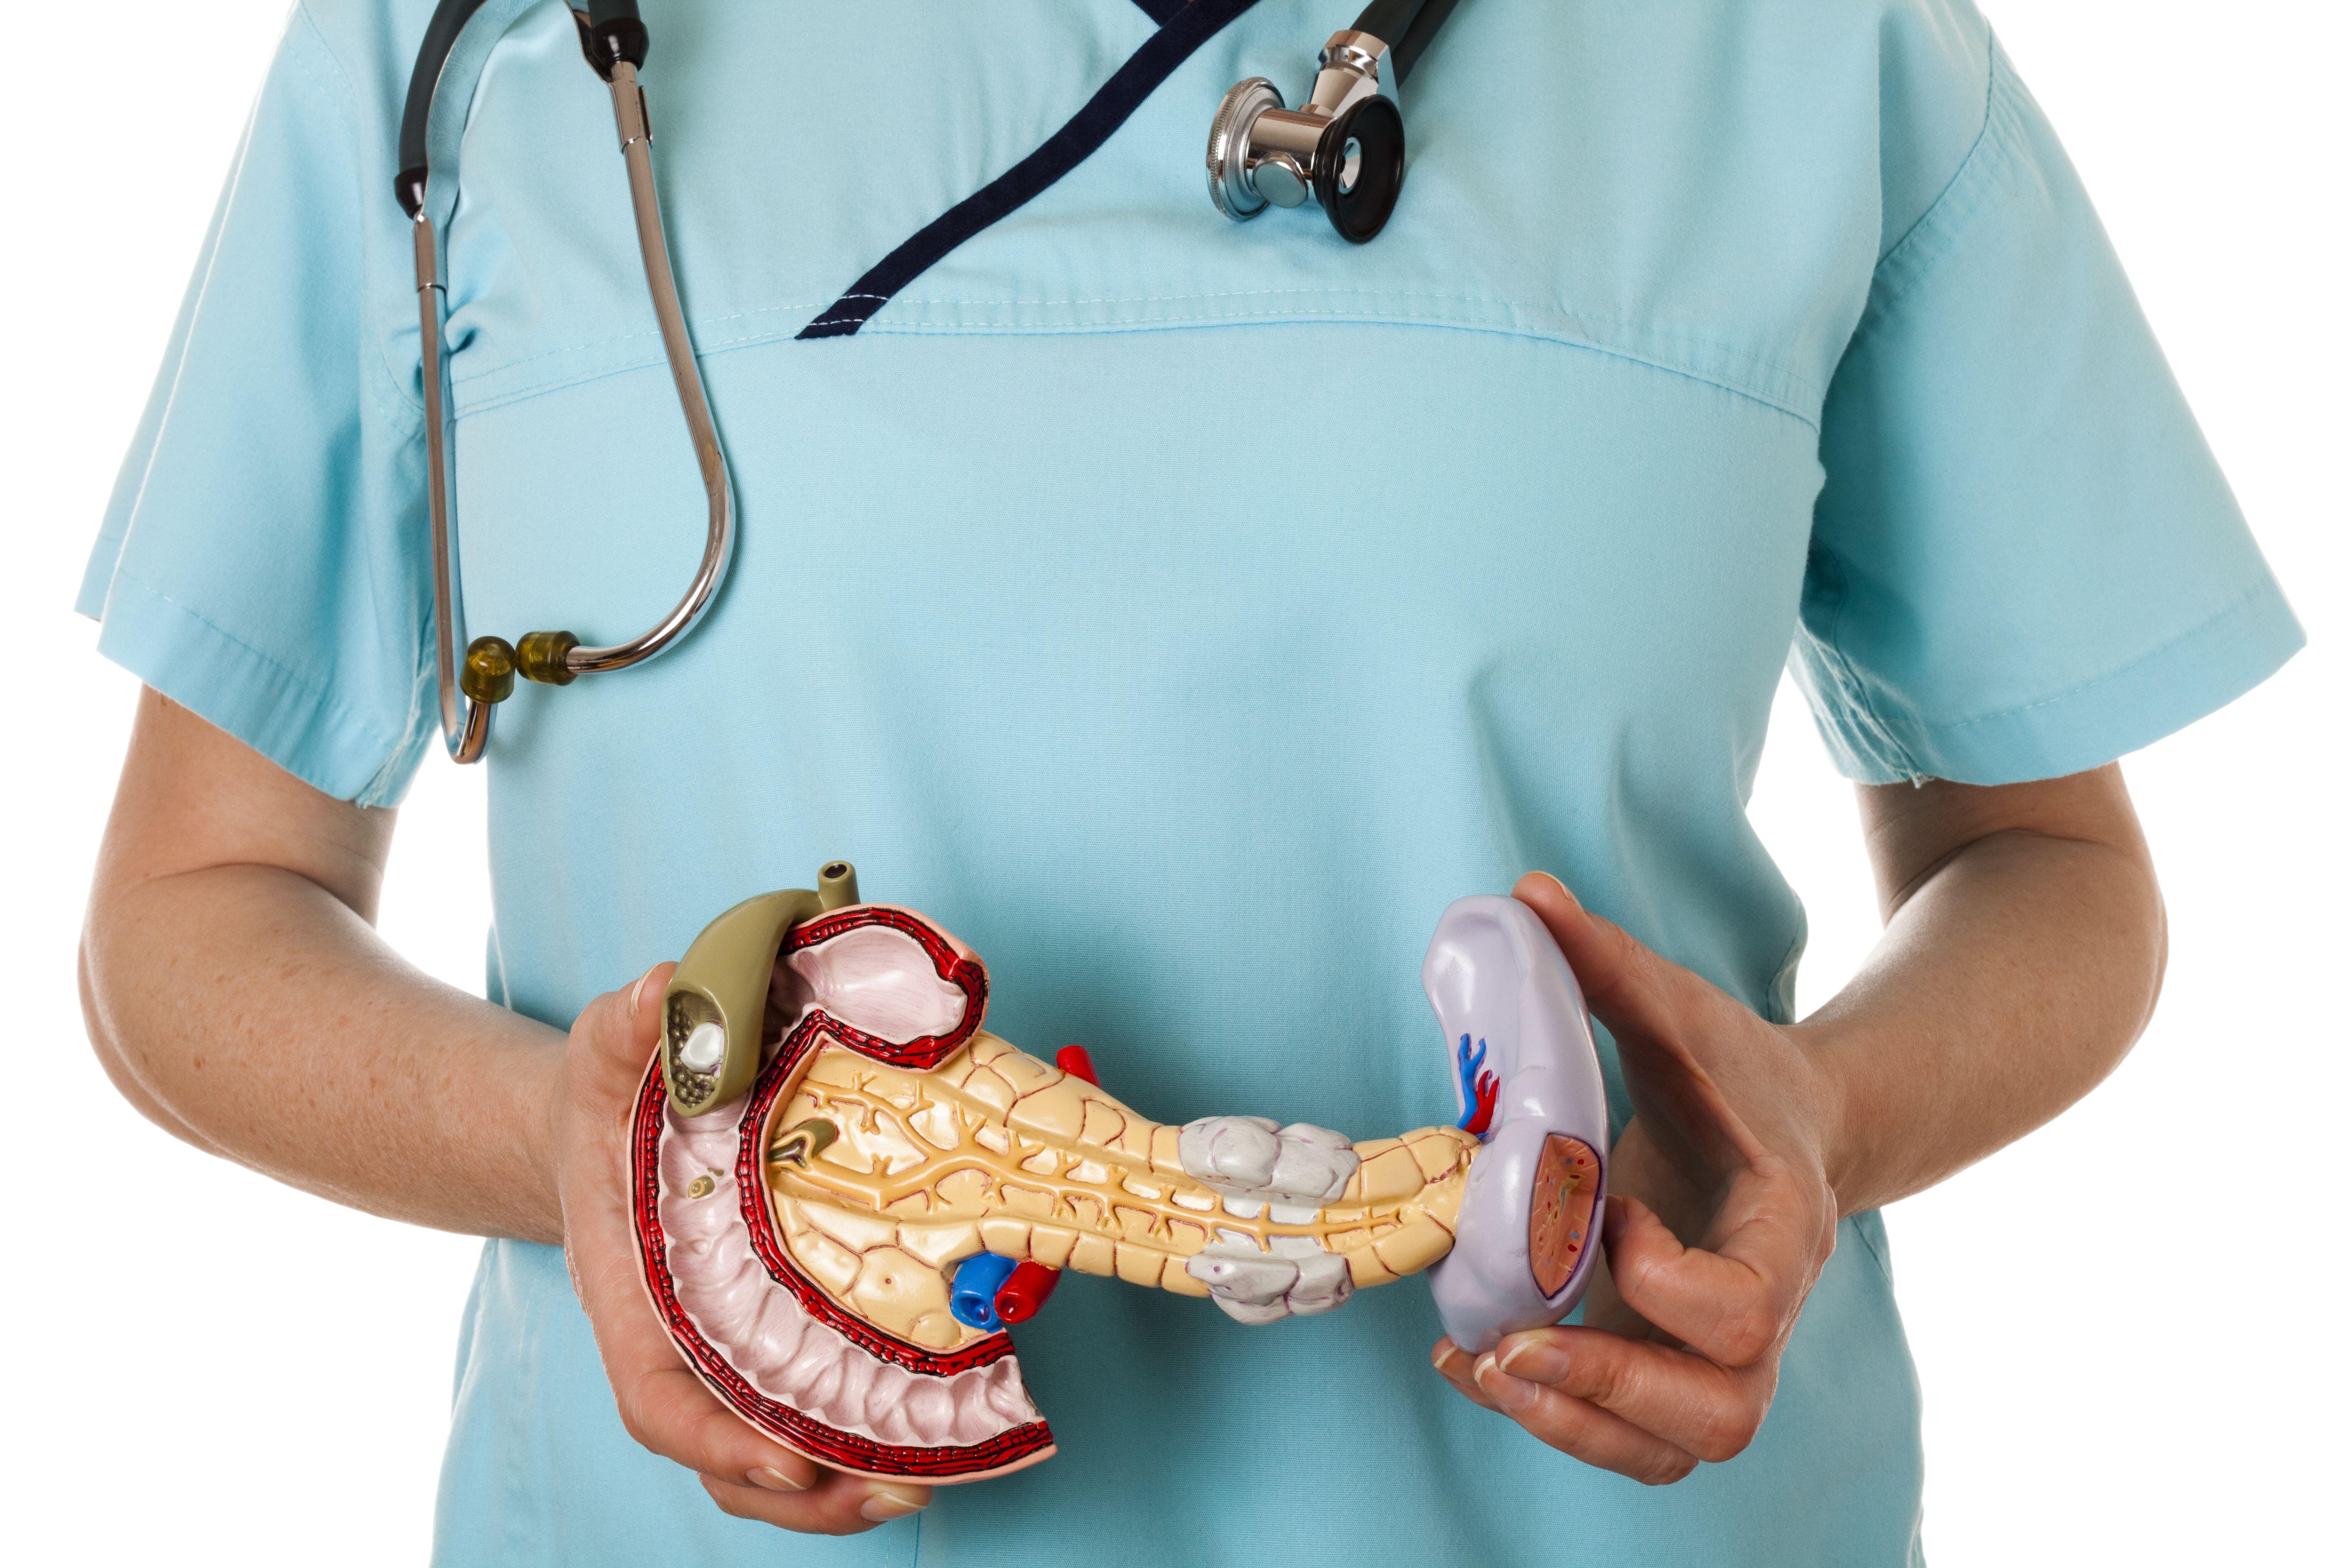 Consulta de urología